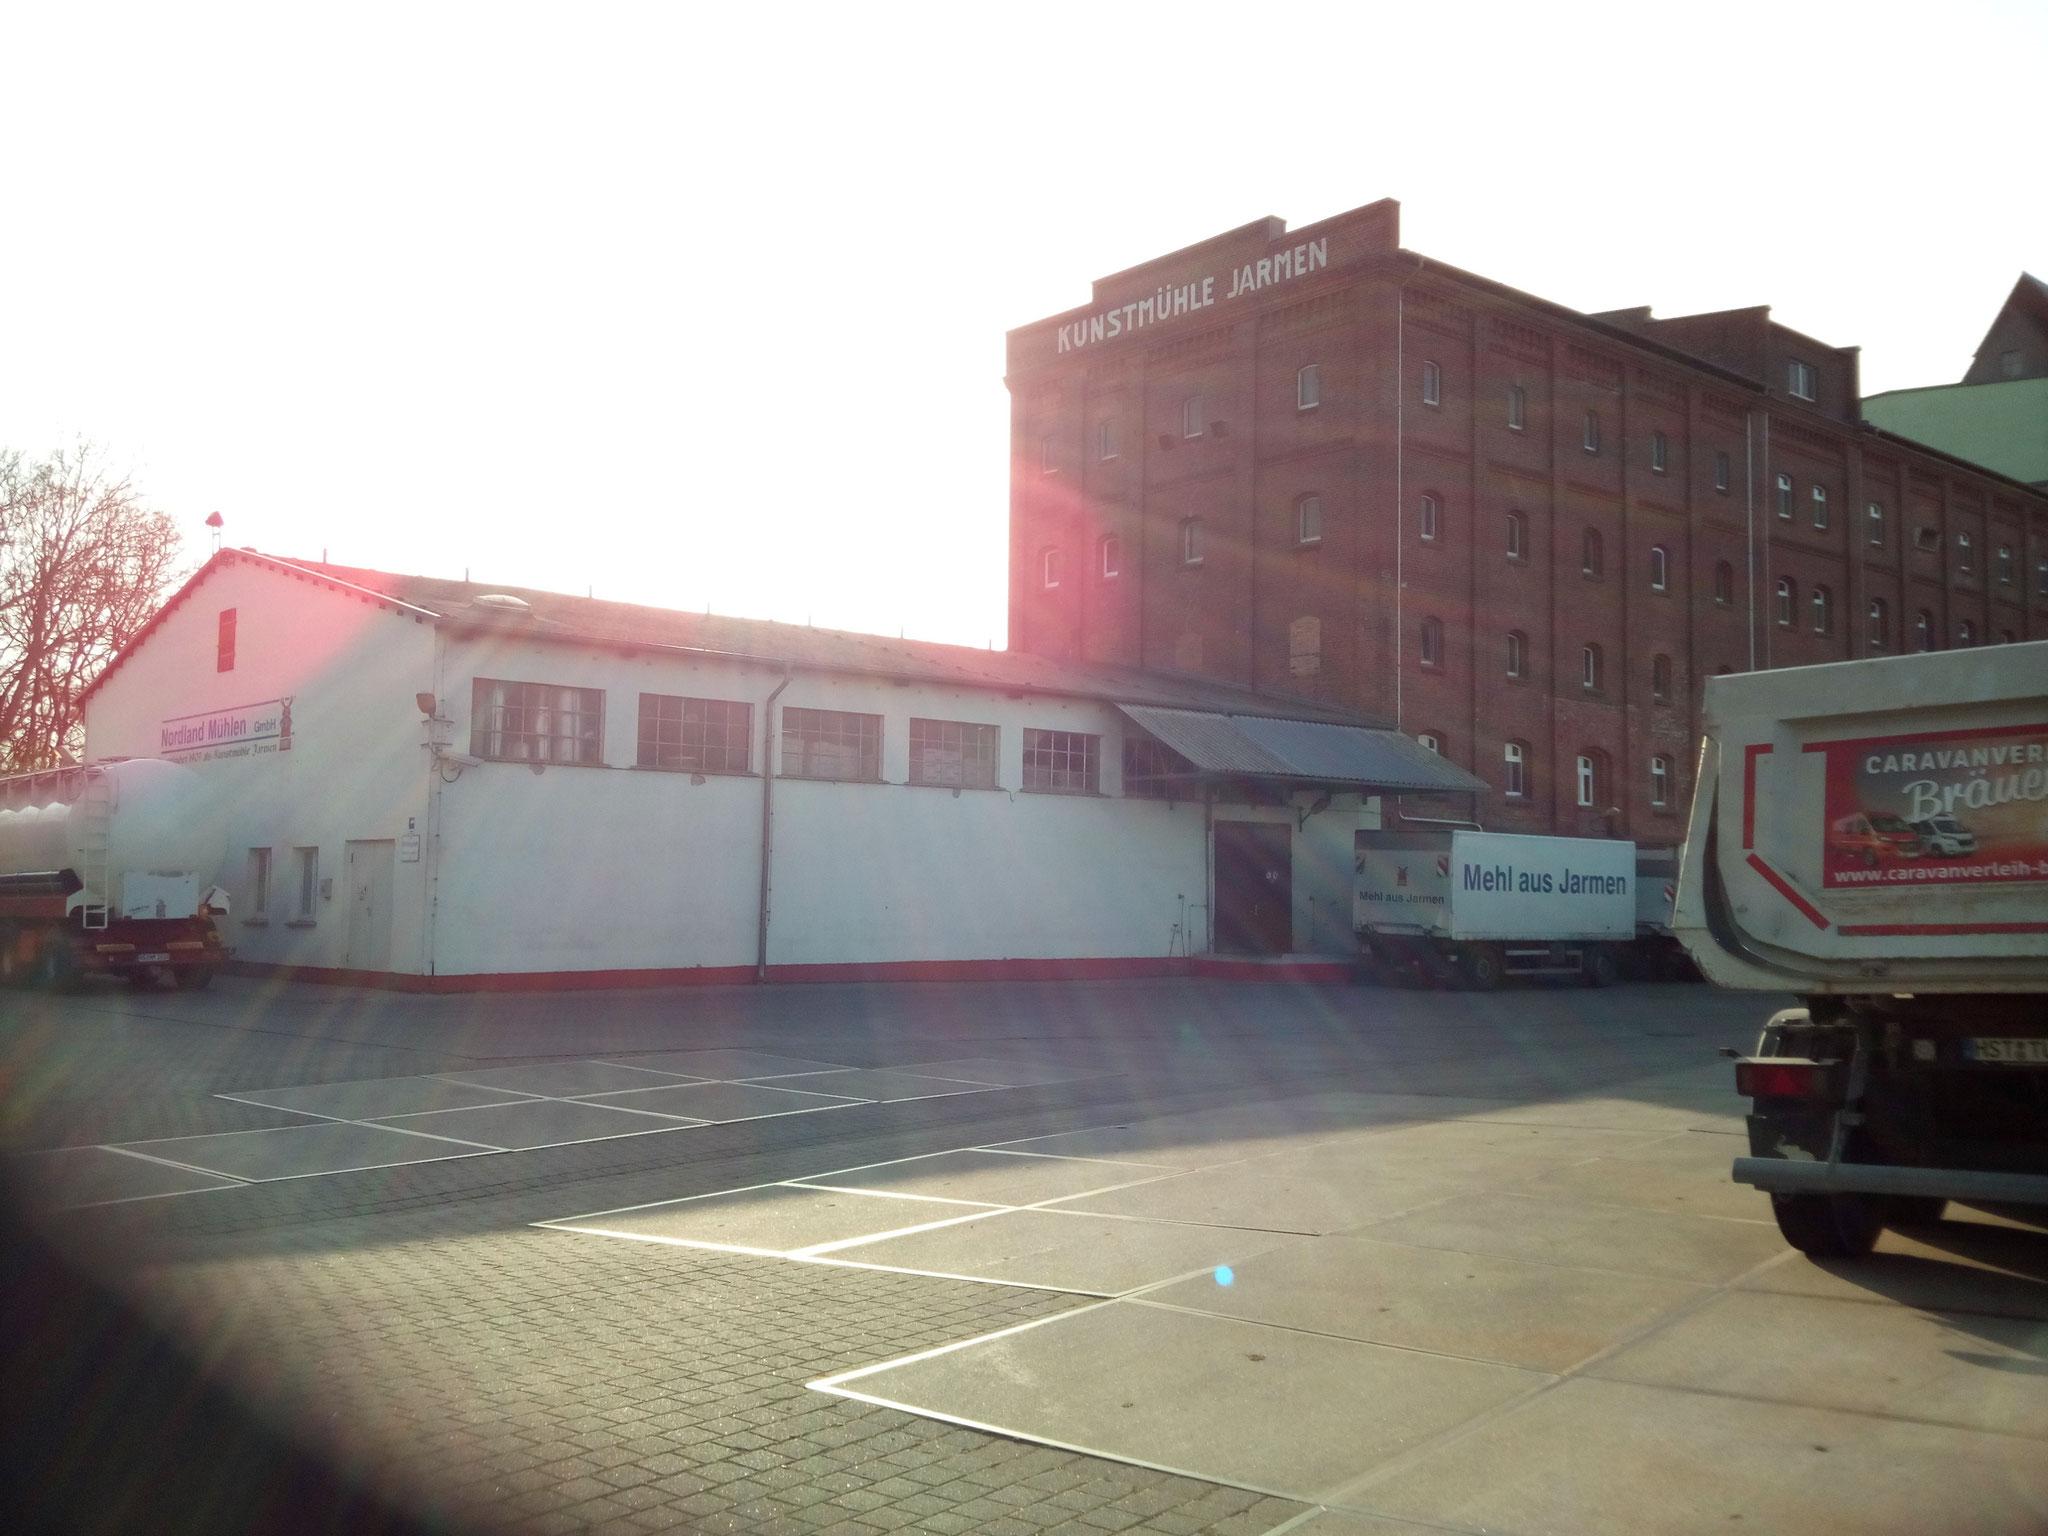 Fabrik am Bollwerk Jarmen